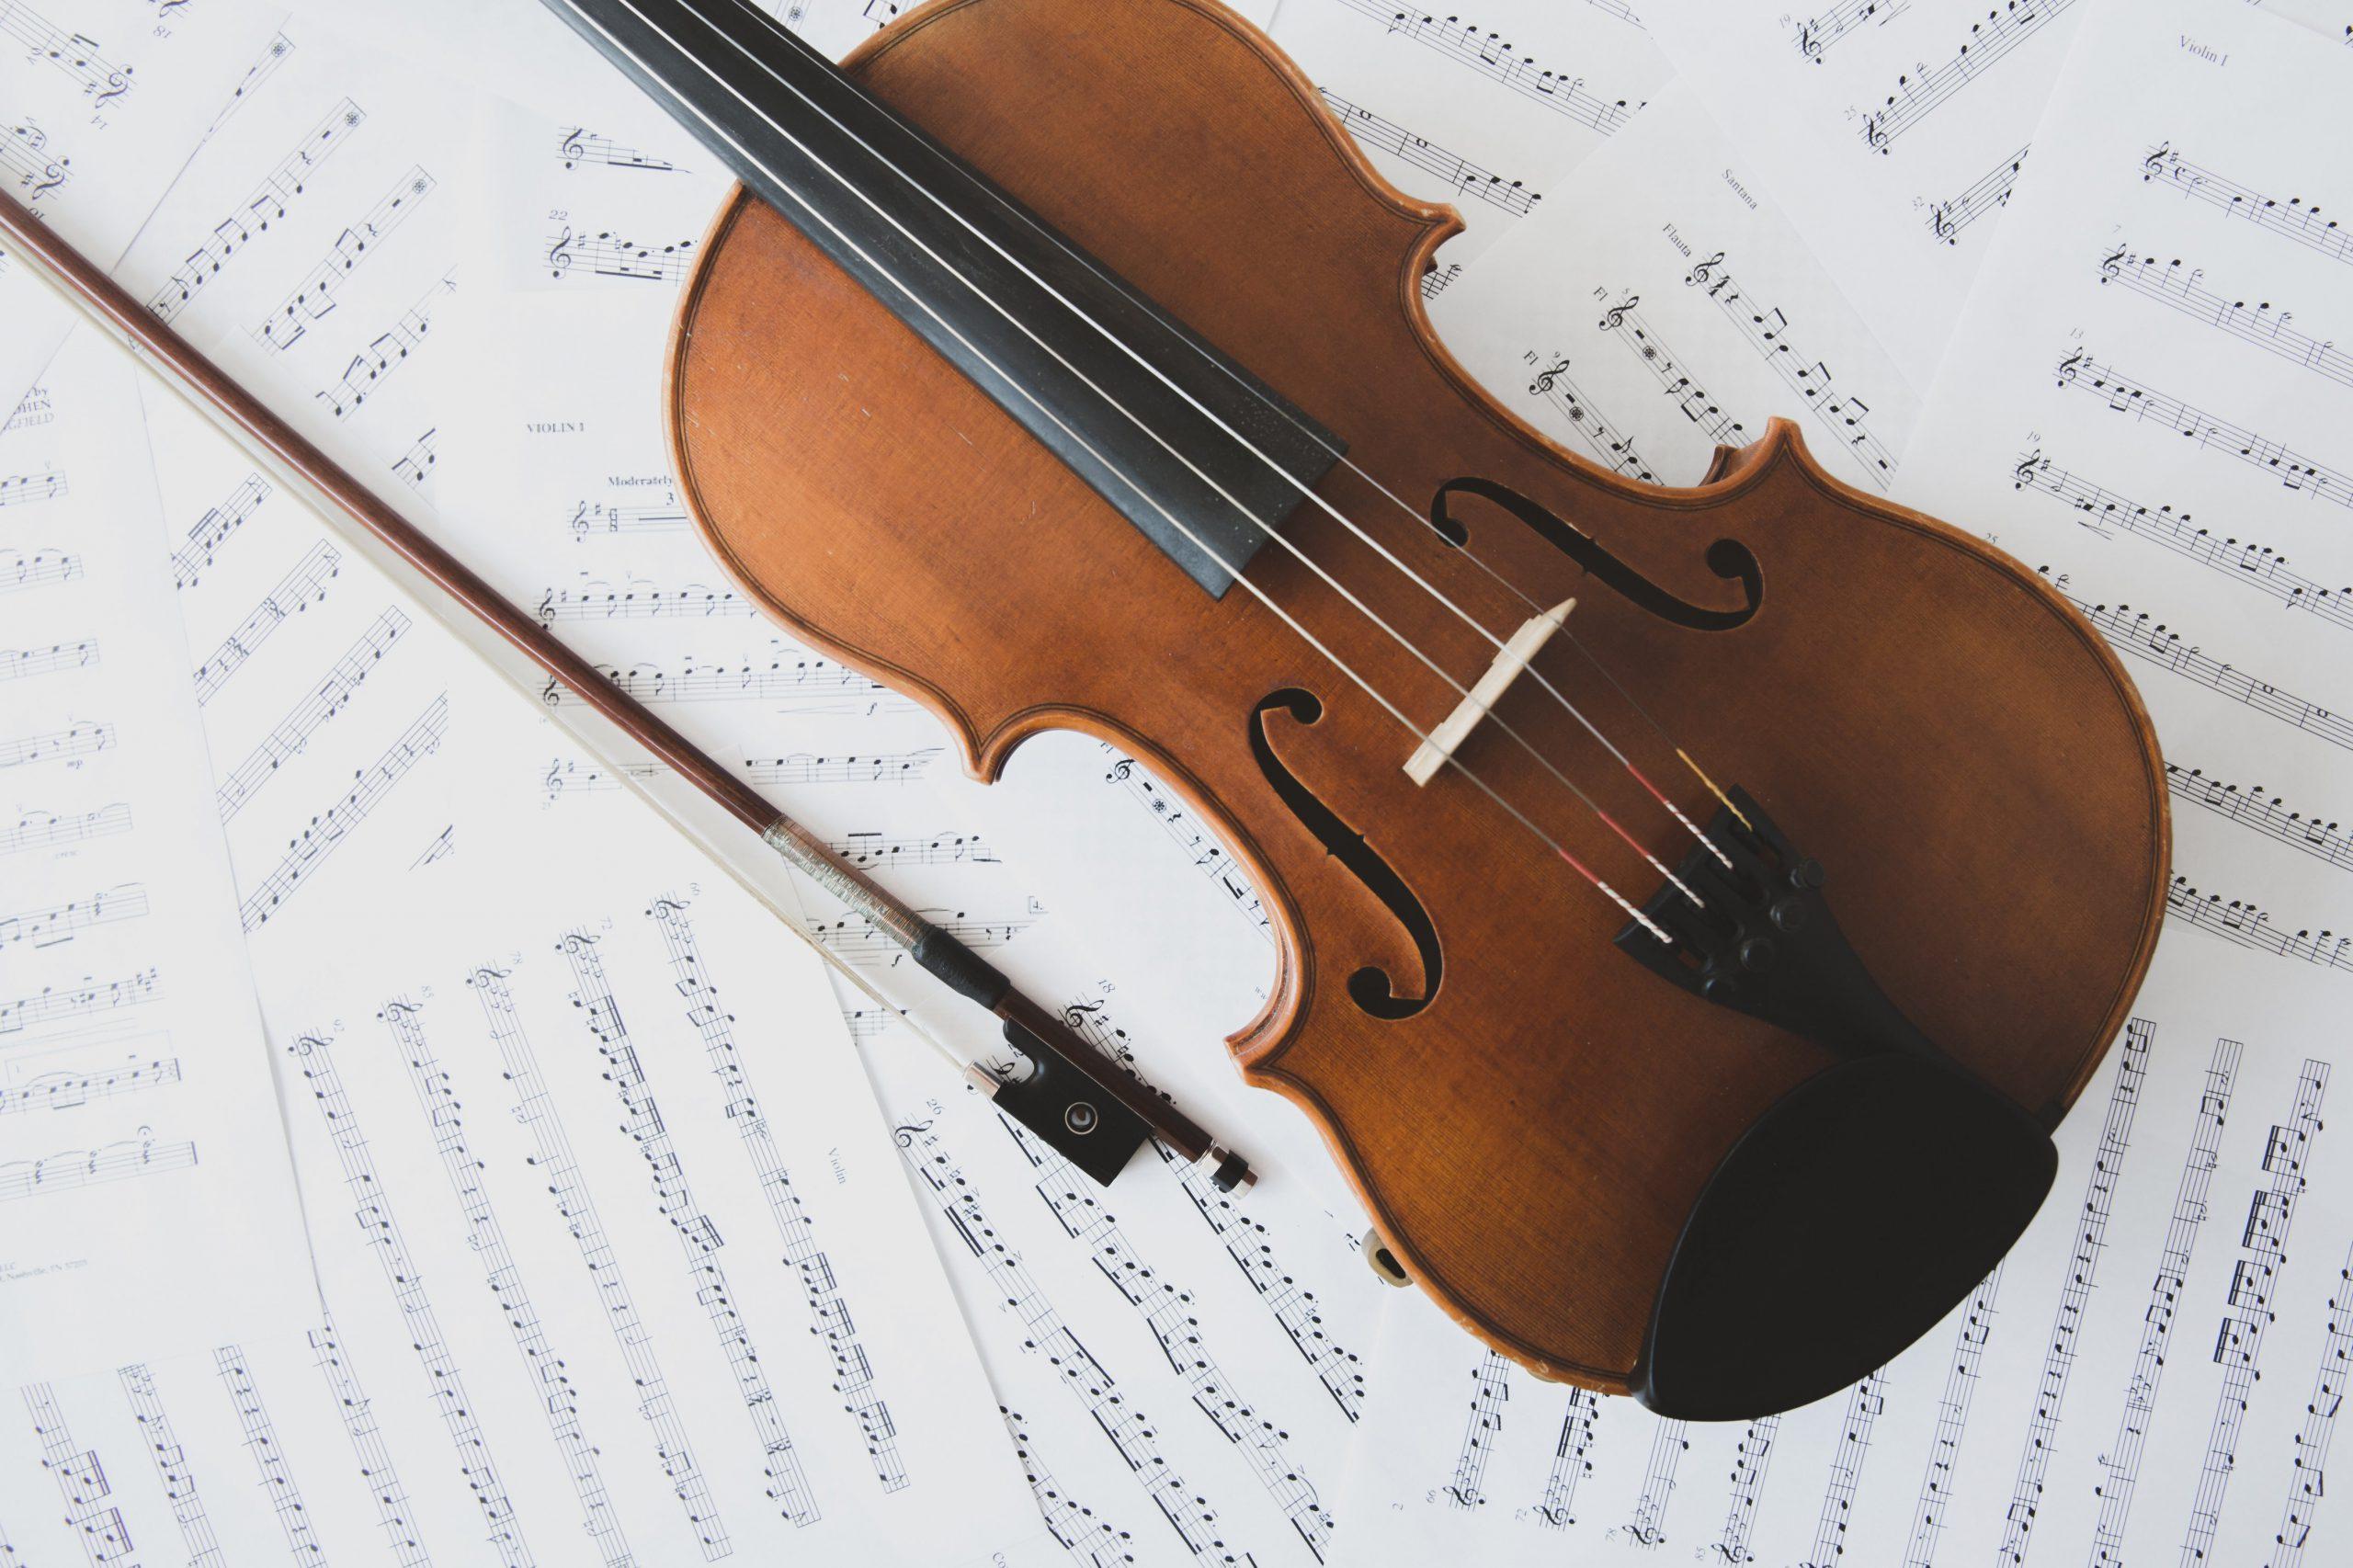 violin-and-sheet-music